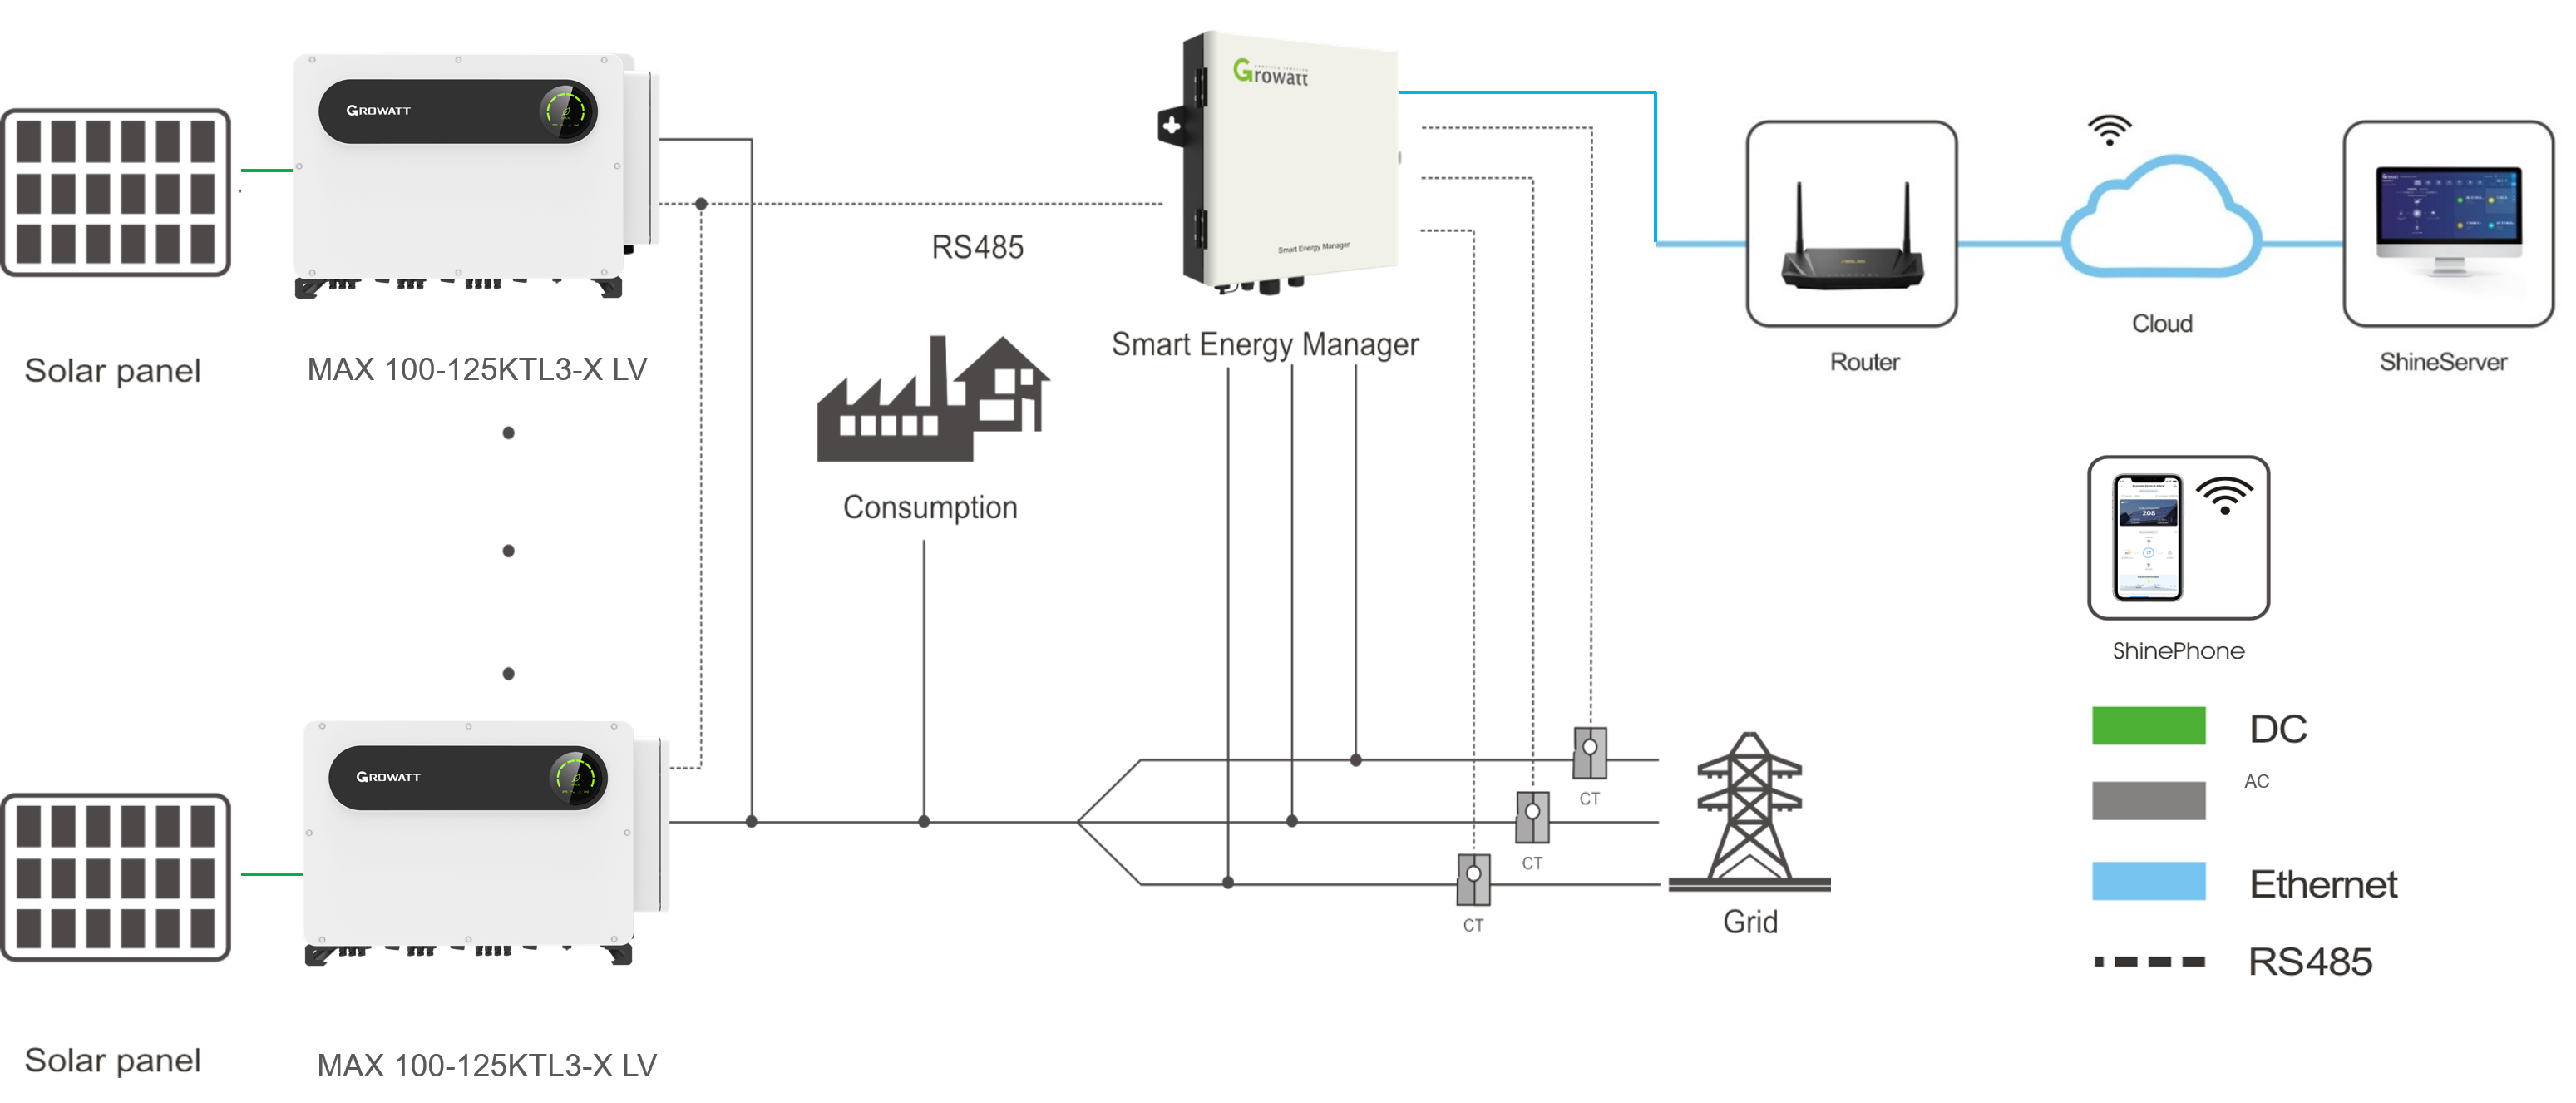 Sơ đồ hệ thống quản lý năng lượng thông minh với giải pháp giám sát tự dùng 24h